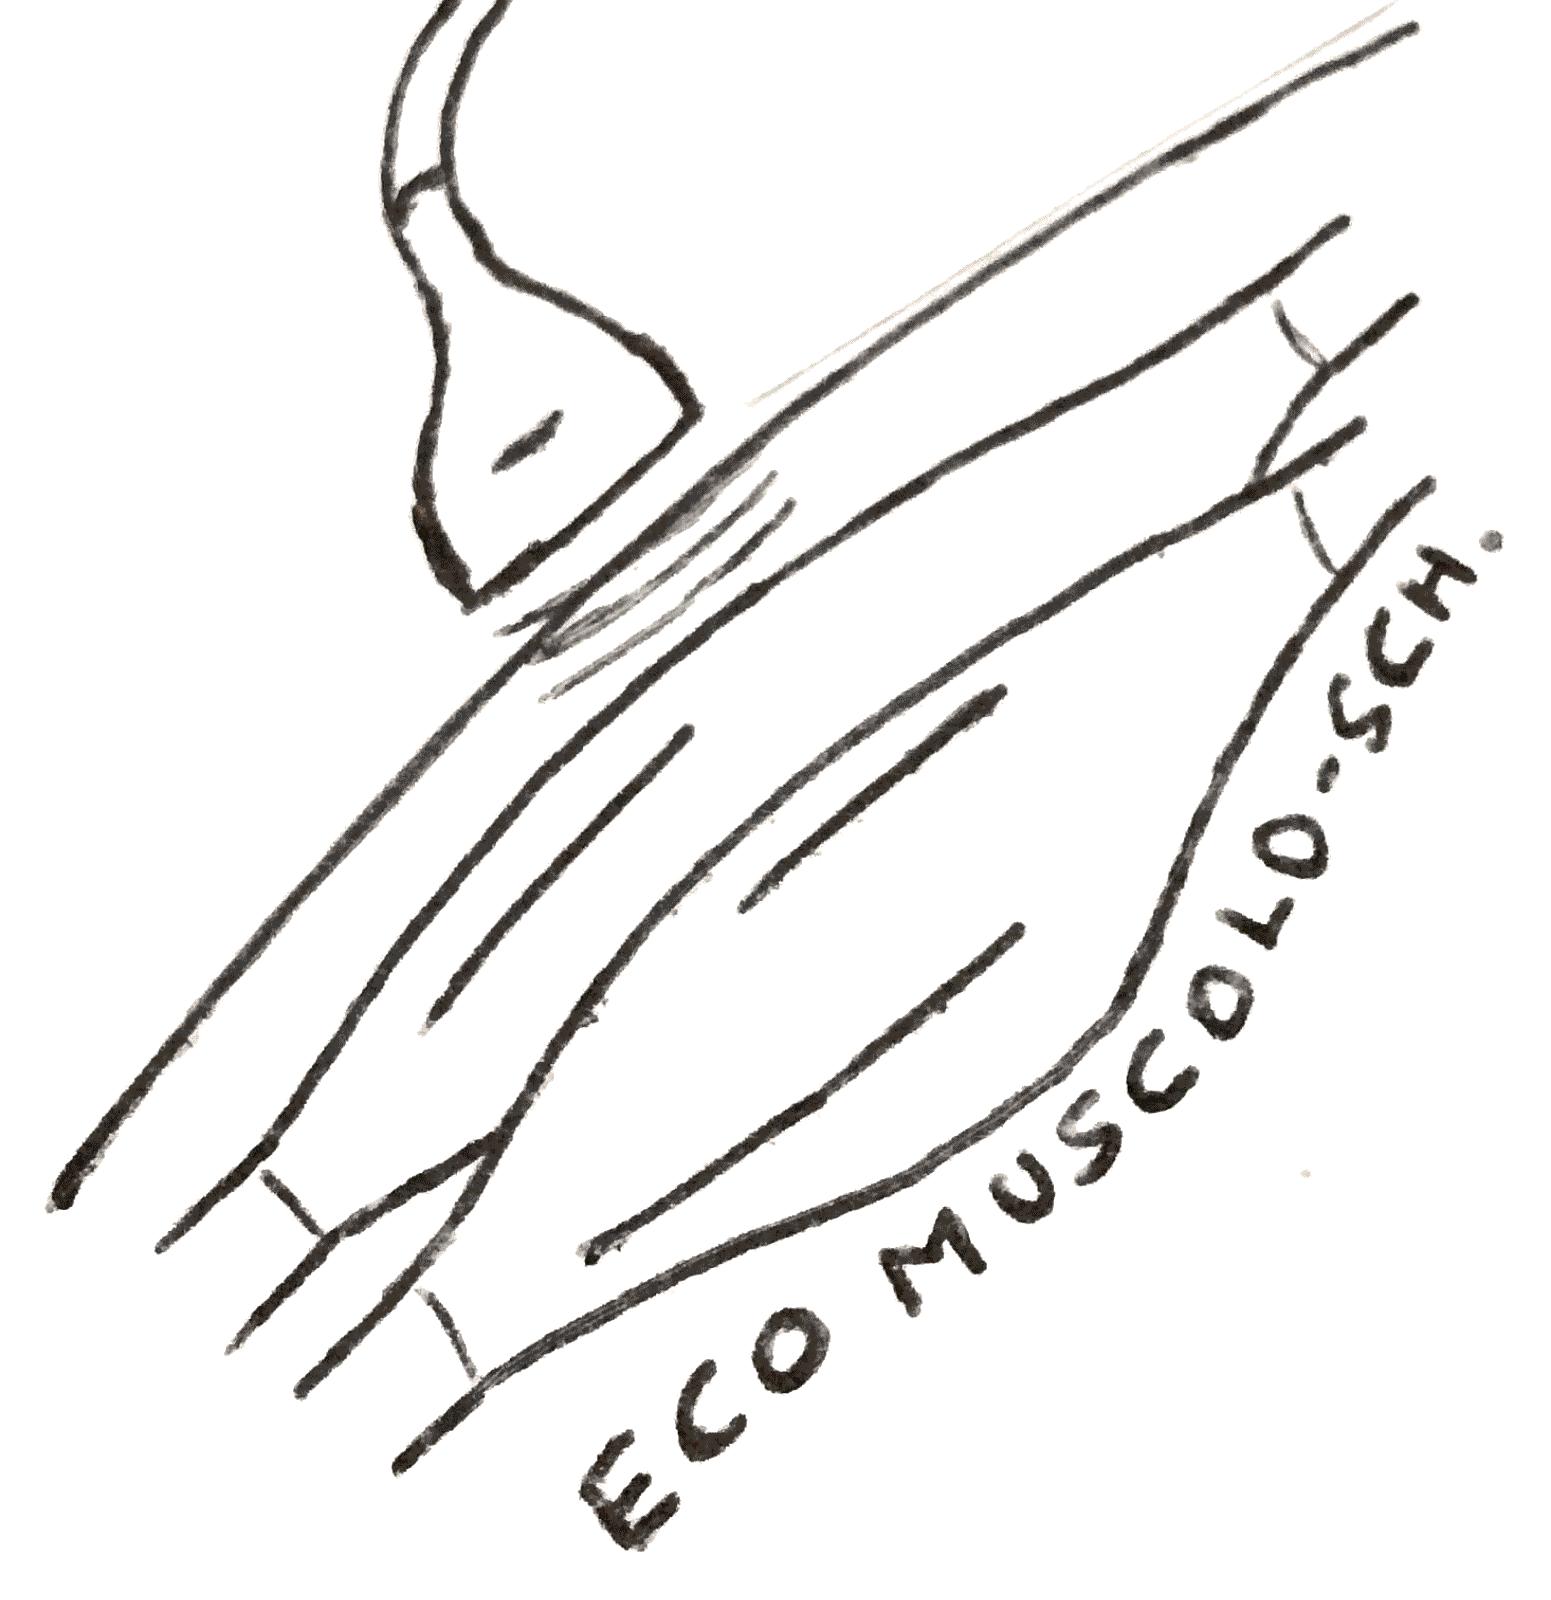 Ecografia muscolo-scheletrica